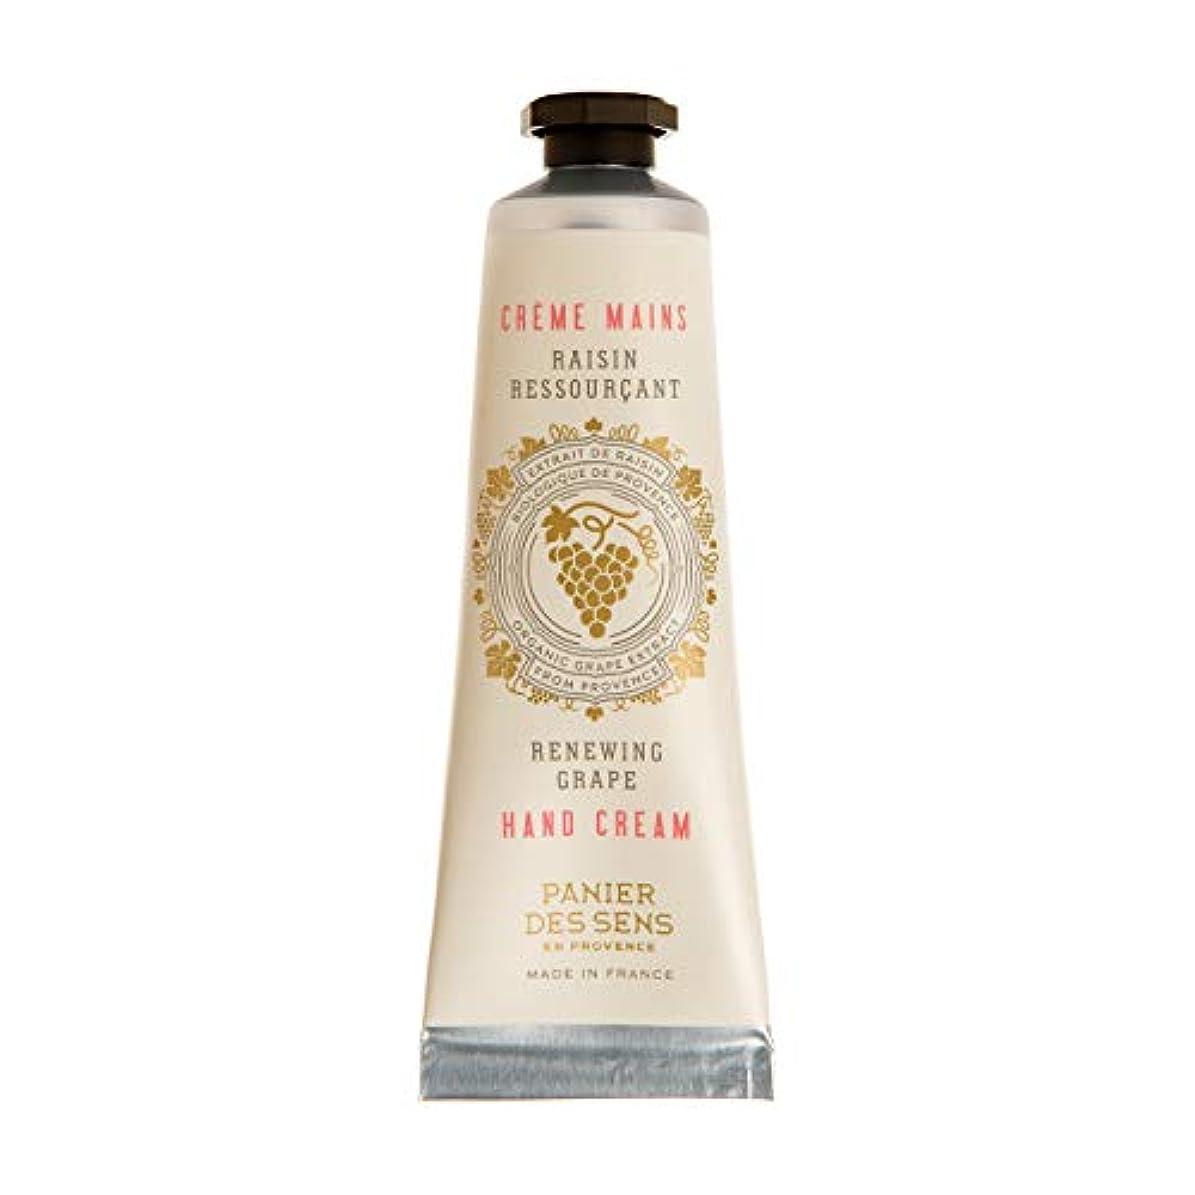 決定的く乱れパニエデサンス ハンドクリーム ホワイトグレープのフレッシュな香り 30mL(手肌用保湿 フランス製)